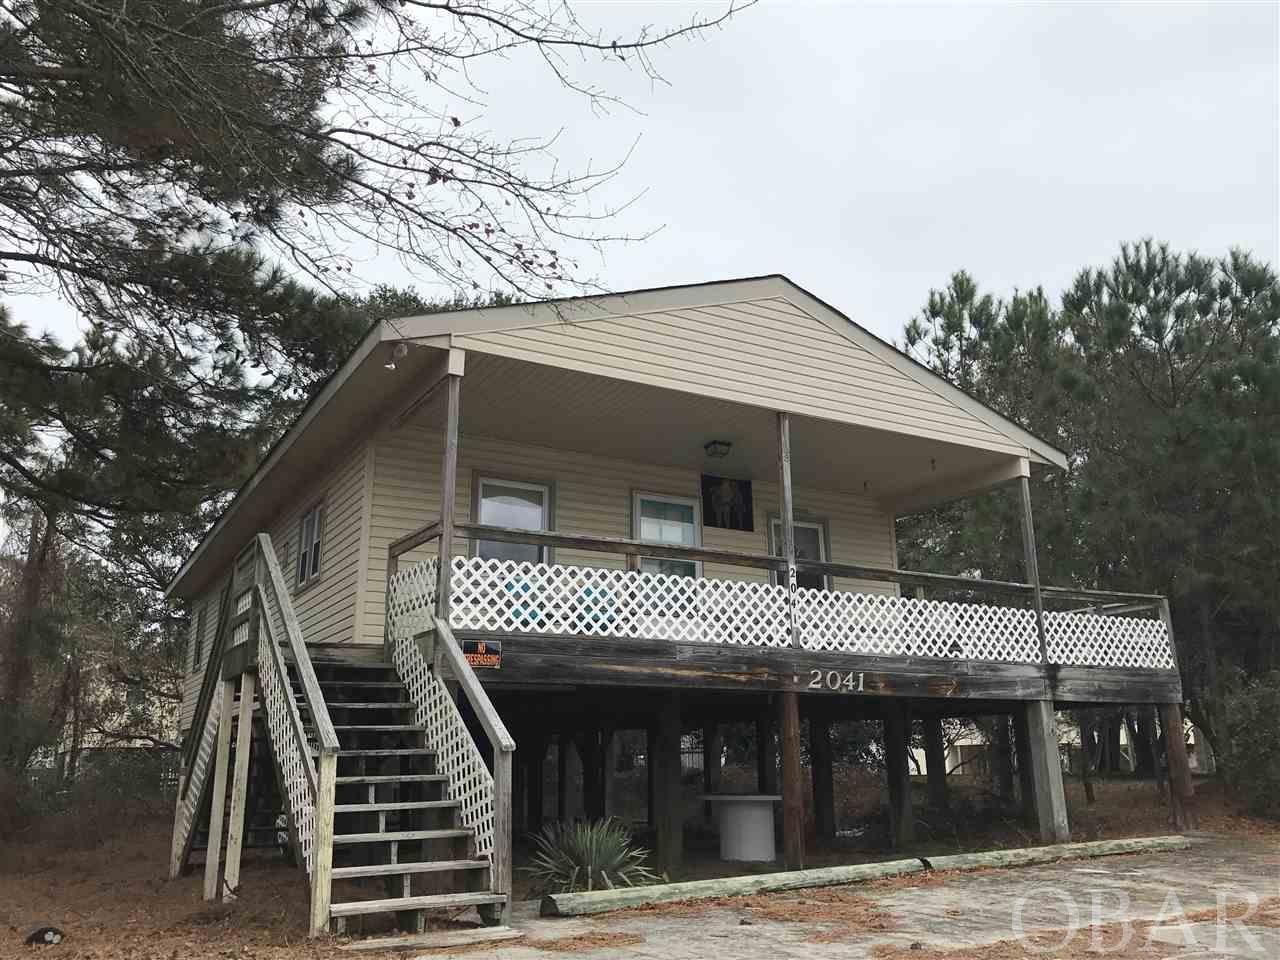 2041 Phoebus Street Lot # 1140, Kill Devil Hills, NC 27948